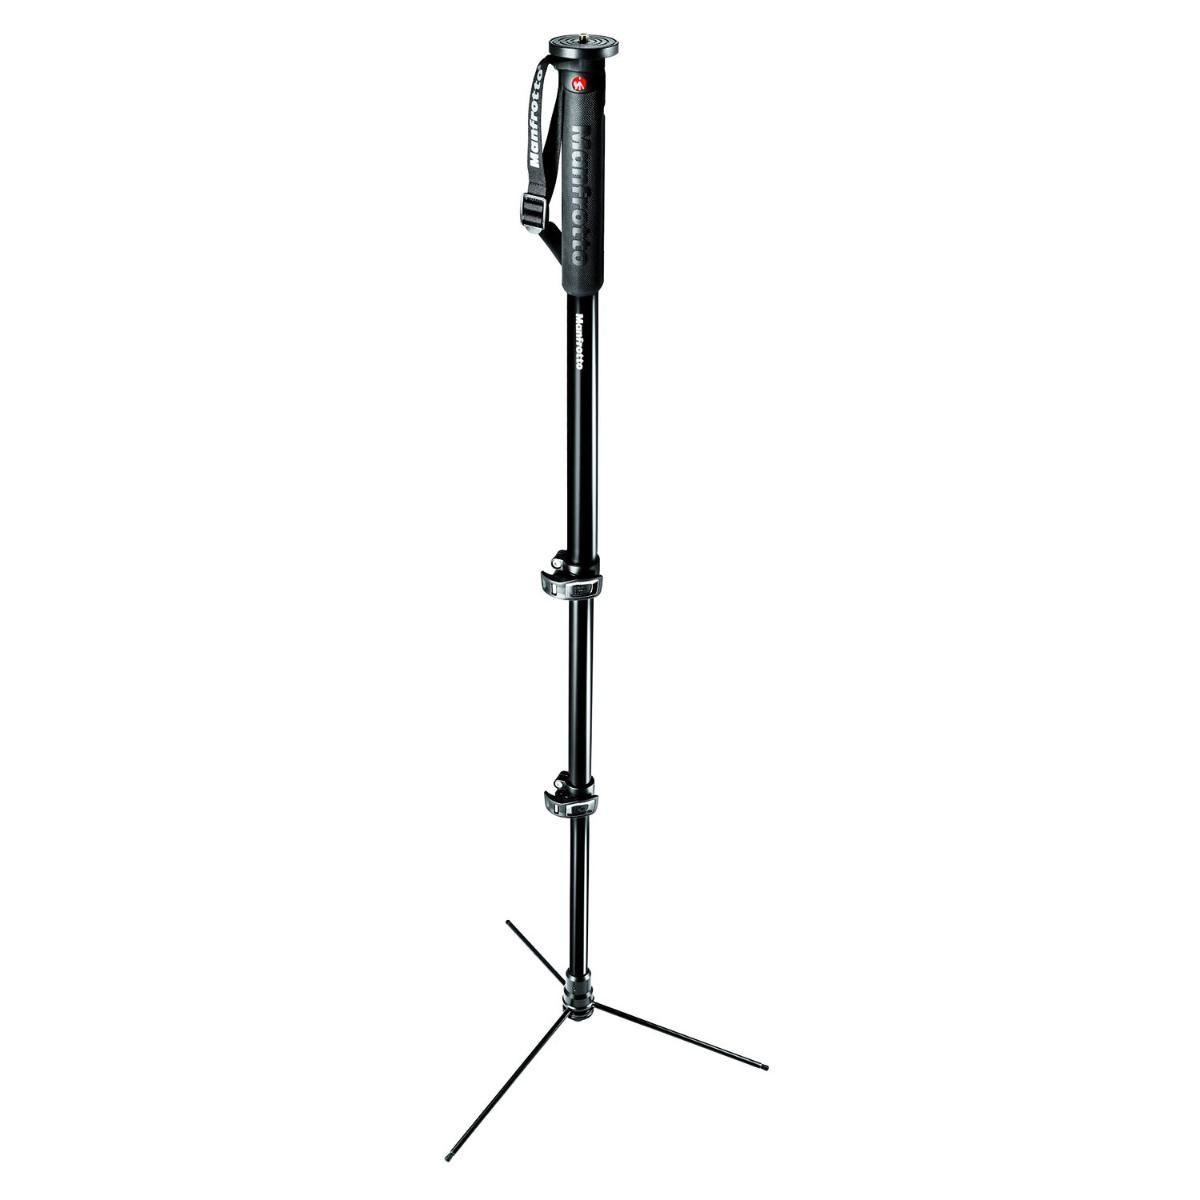 Monopé Manfrotto MMXPROA3B 168cm para Câmeras e Filmadoras